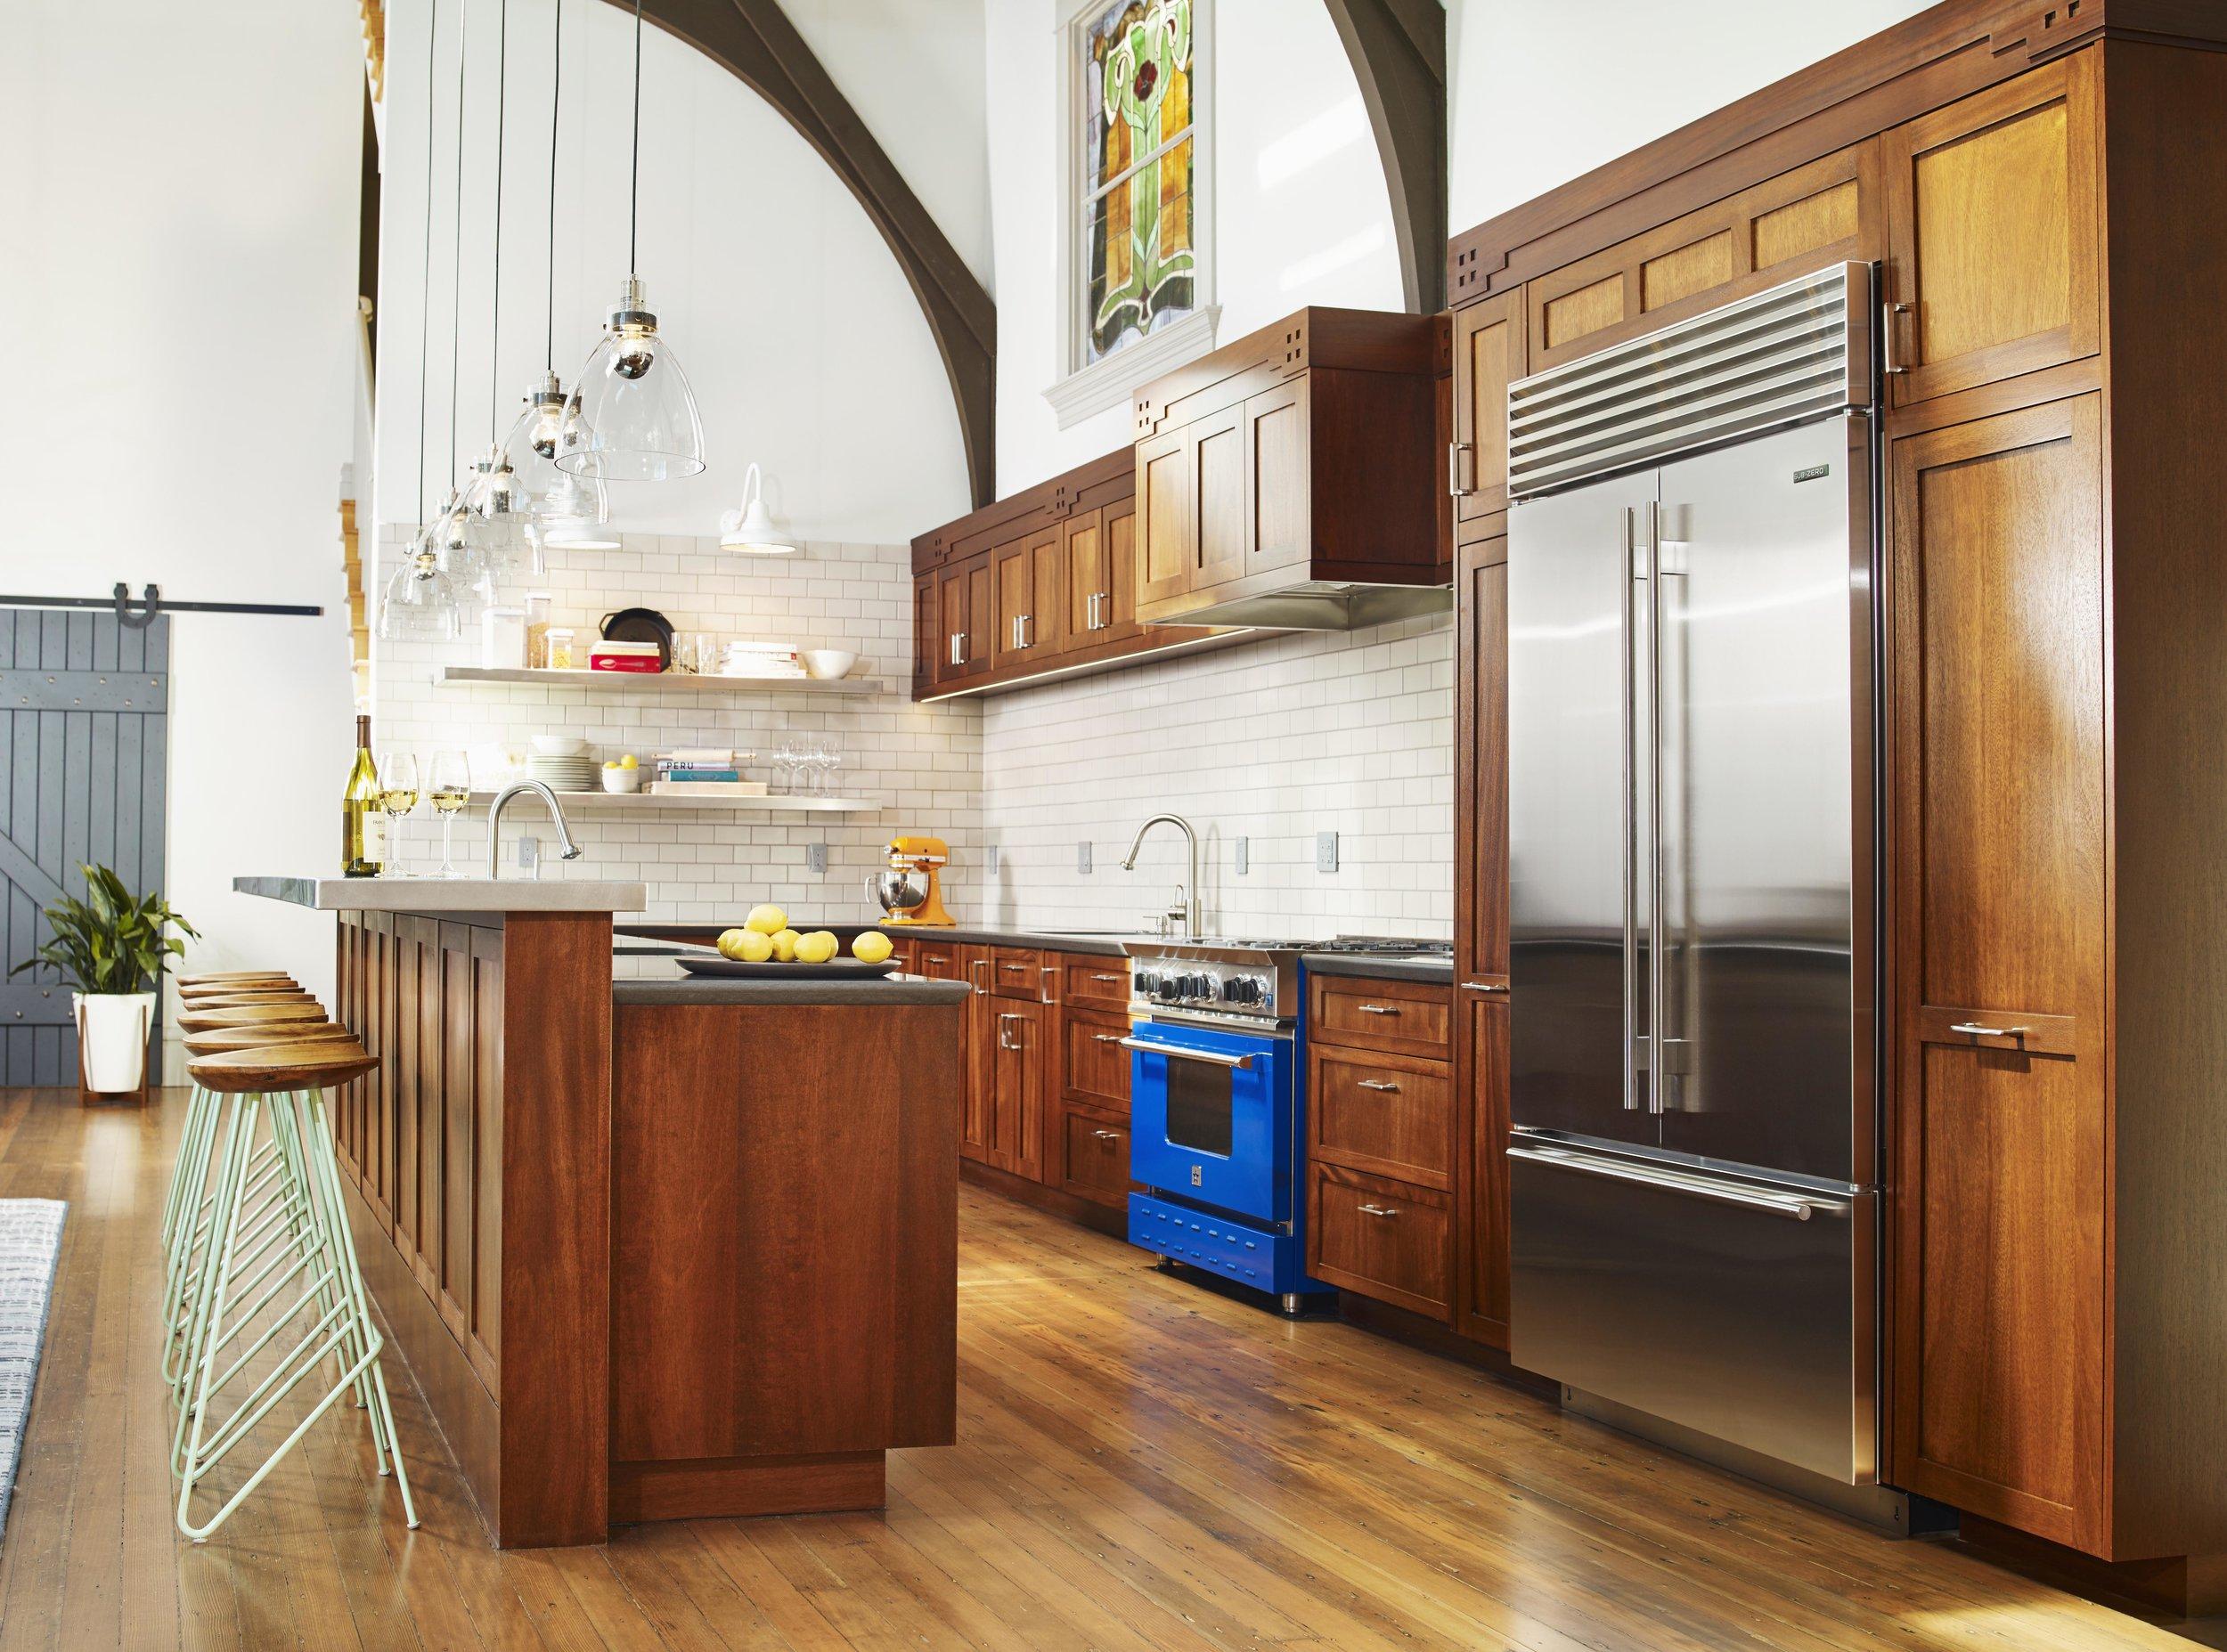 143 Albion Kitchen Overview.jpg